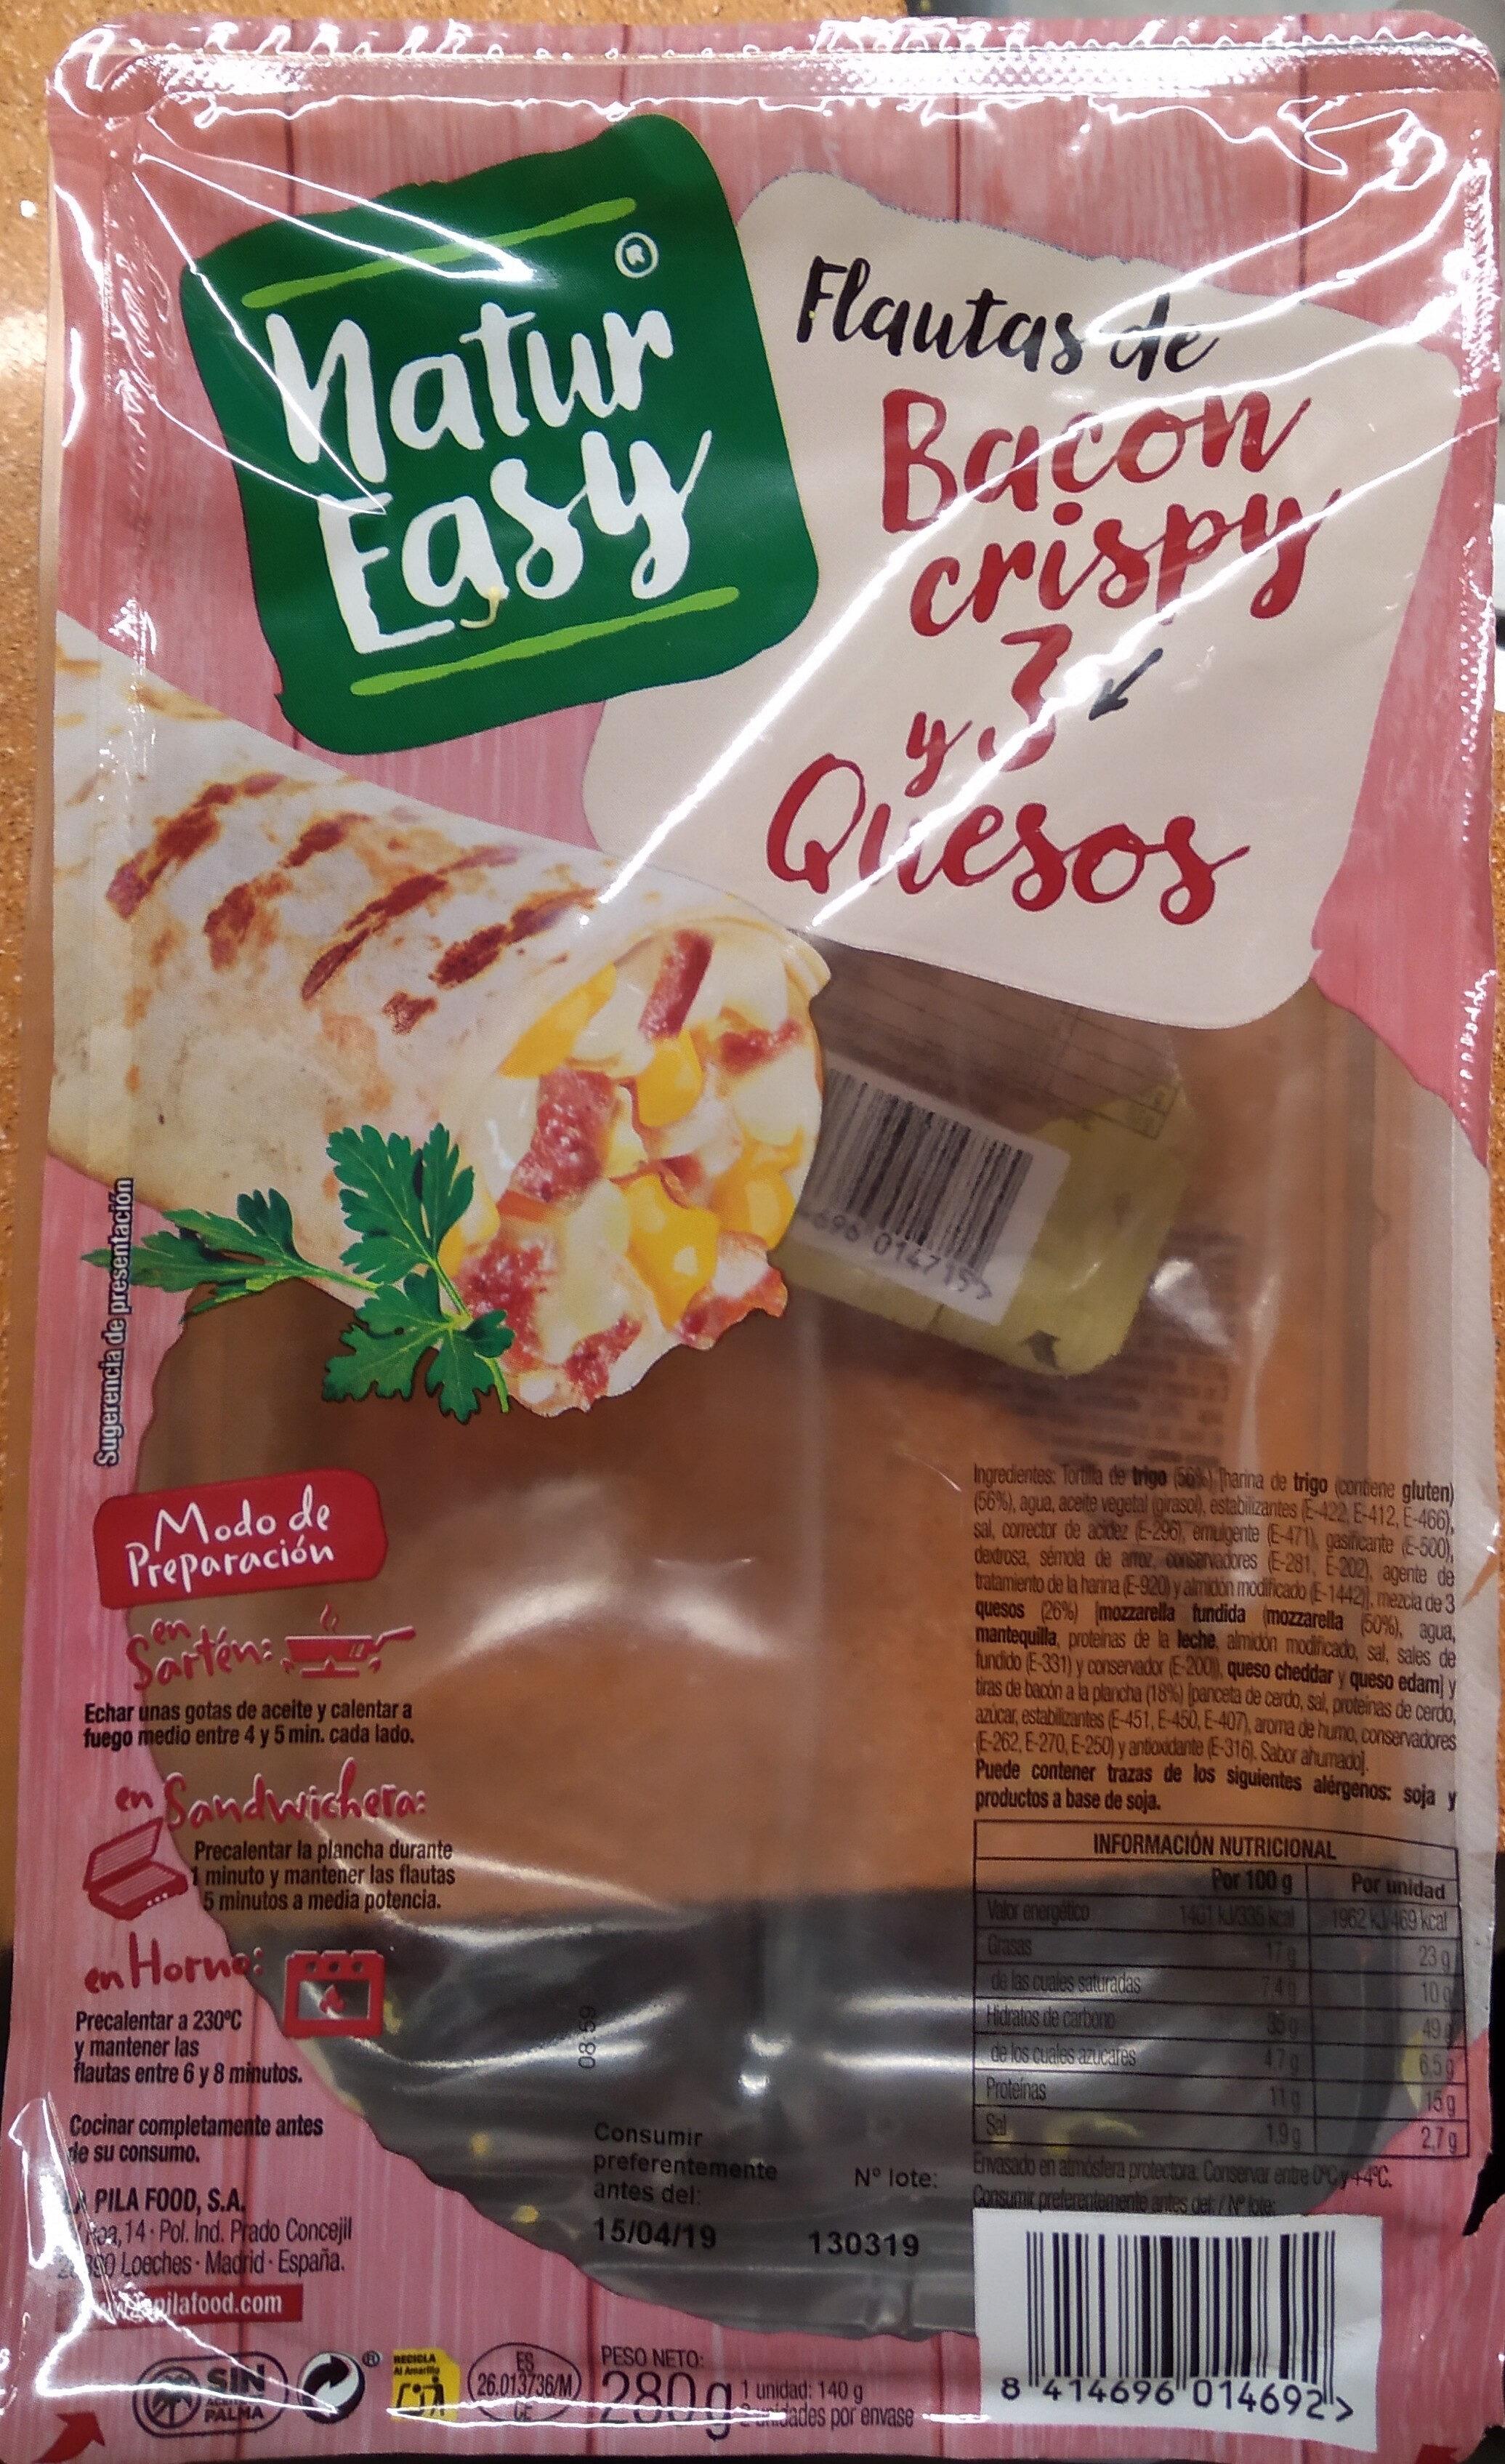 Flautas de bacon crispy y 3 quesos - Product - es